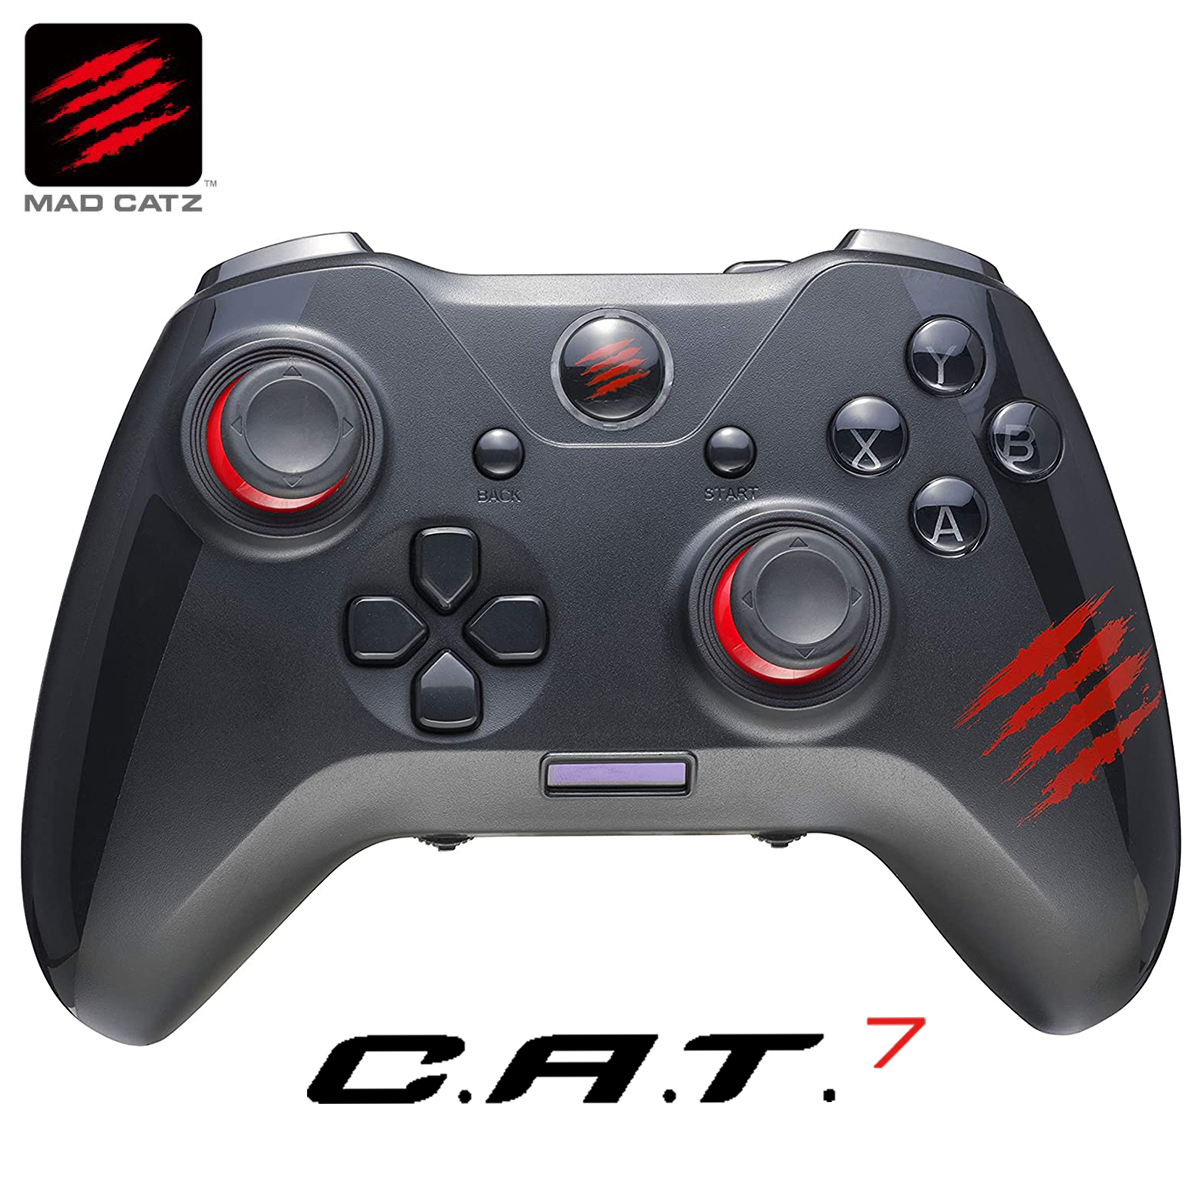 2つのプロファイル管理とマクロ機能により 複雑な操作を容易に実行 Mad Catz C.A.T. 7 ゲーミングパッド ゲームパッド コントローラー ショップ 日本産 GCPCCAINBL000-0J 06 ジョイパッド MADCATZ マッドキャッツ CAT7